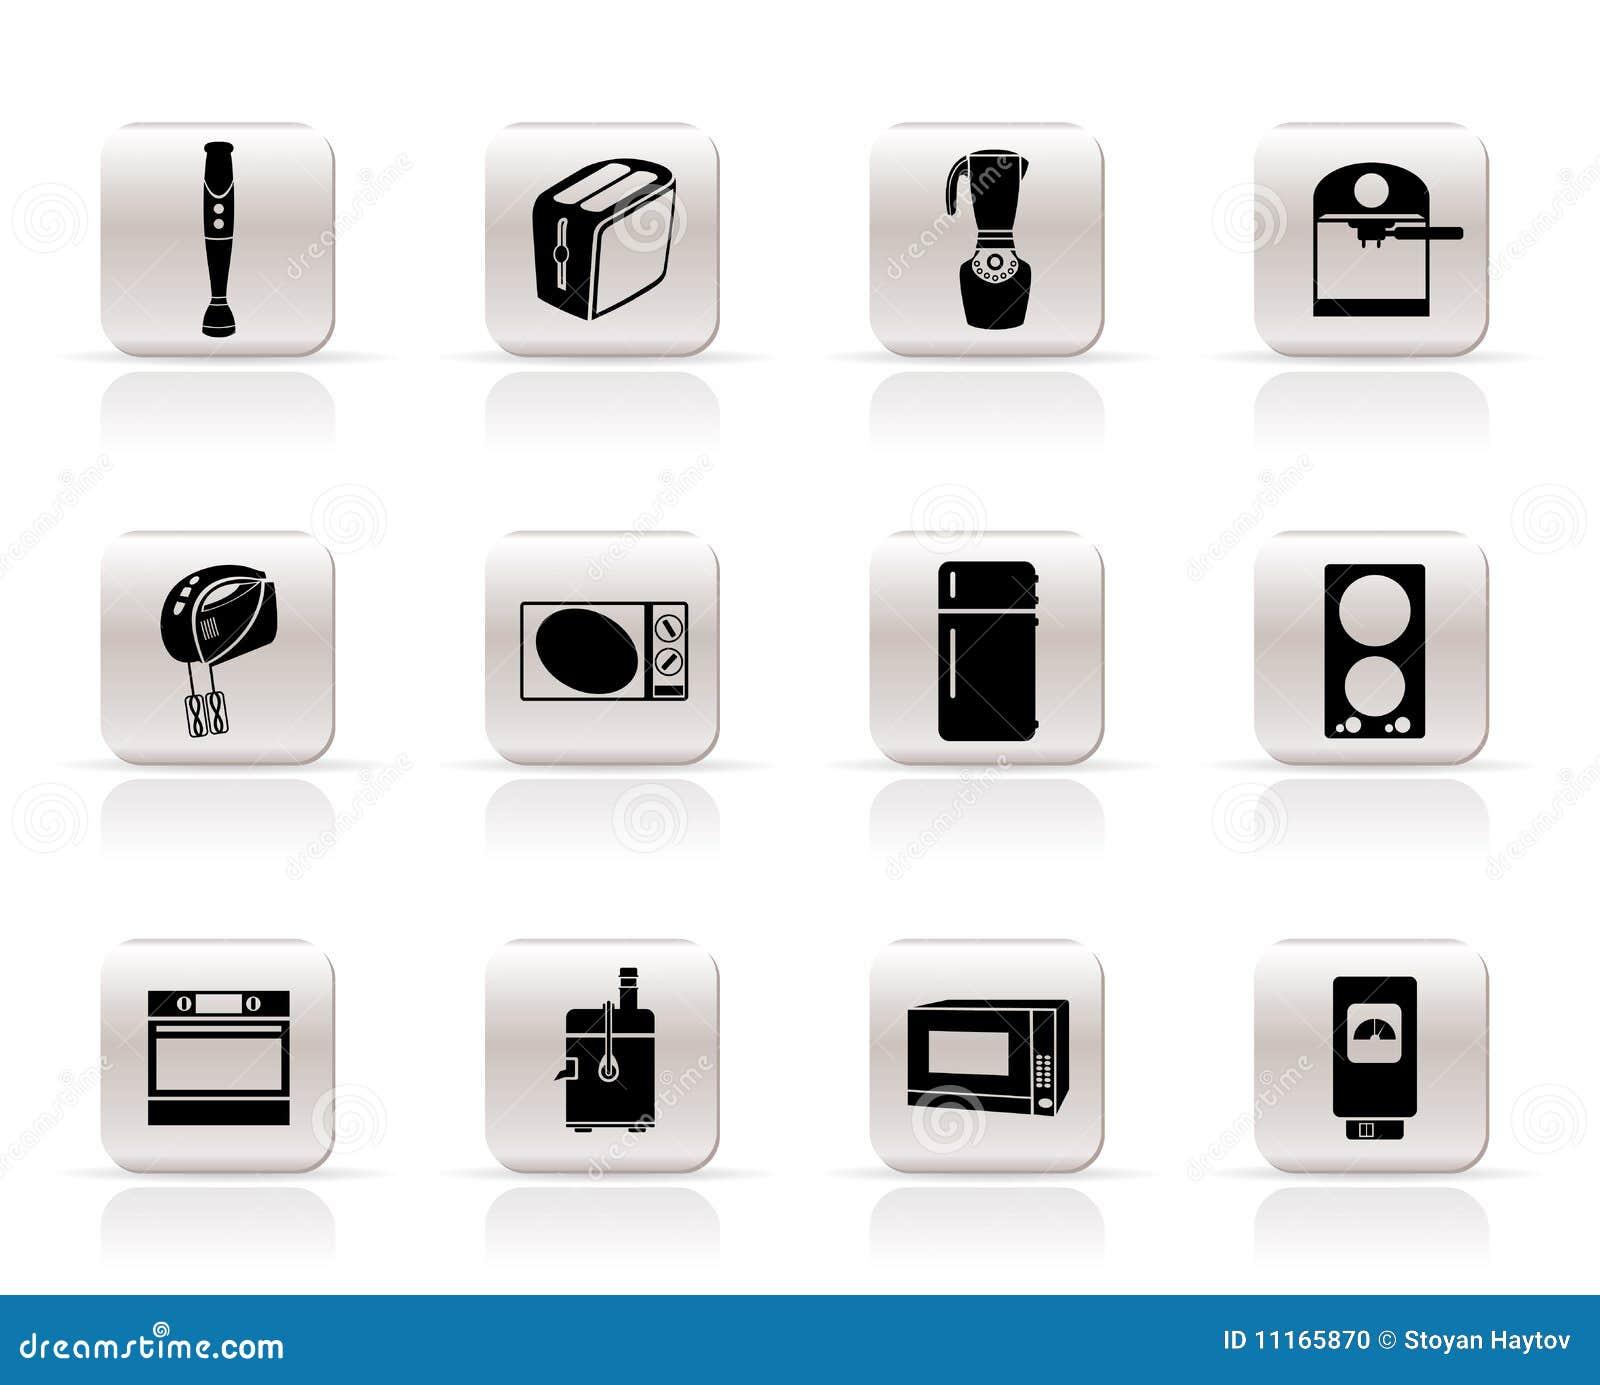 Iconos del cocina y caseros del equipo foto de archivo for Aparatos de cocina